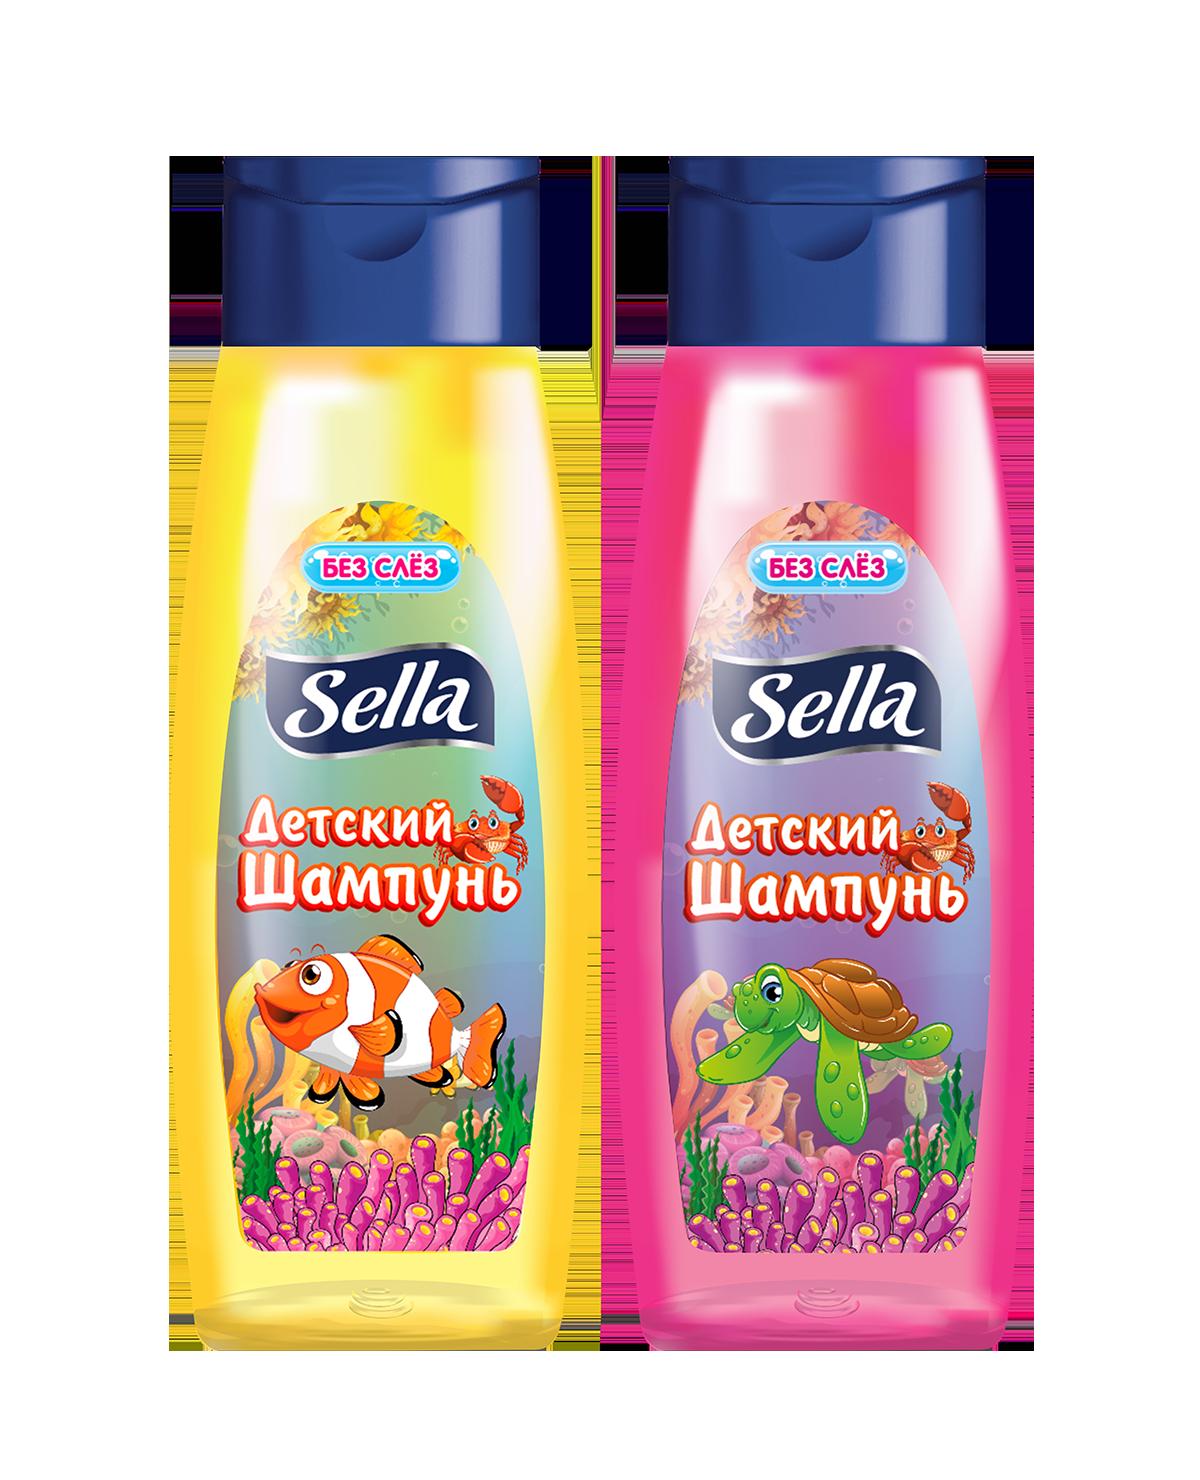 Sella mankakan shampun